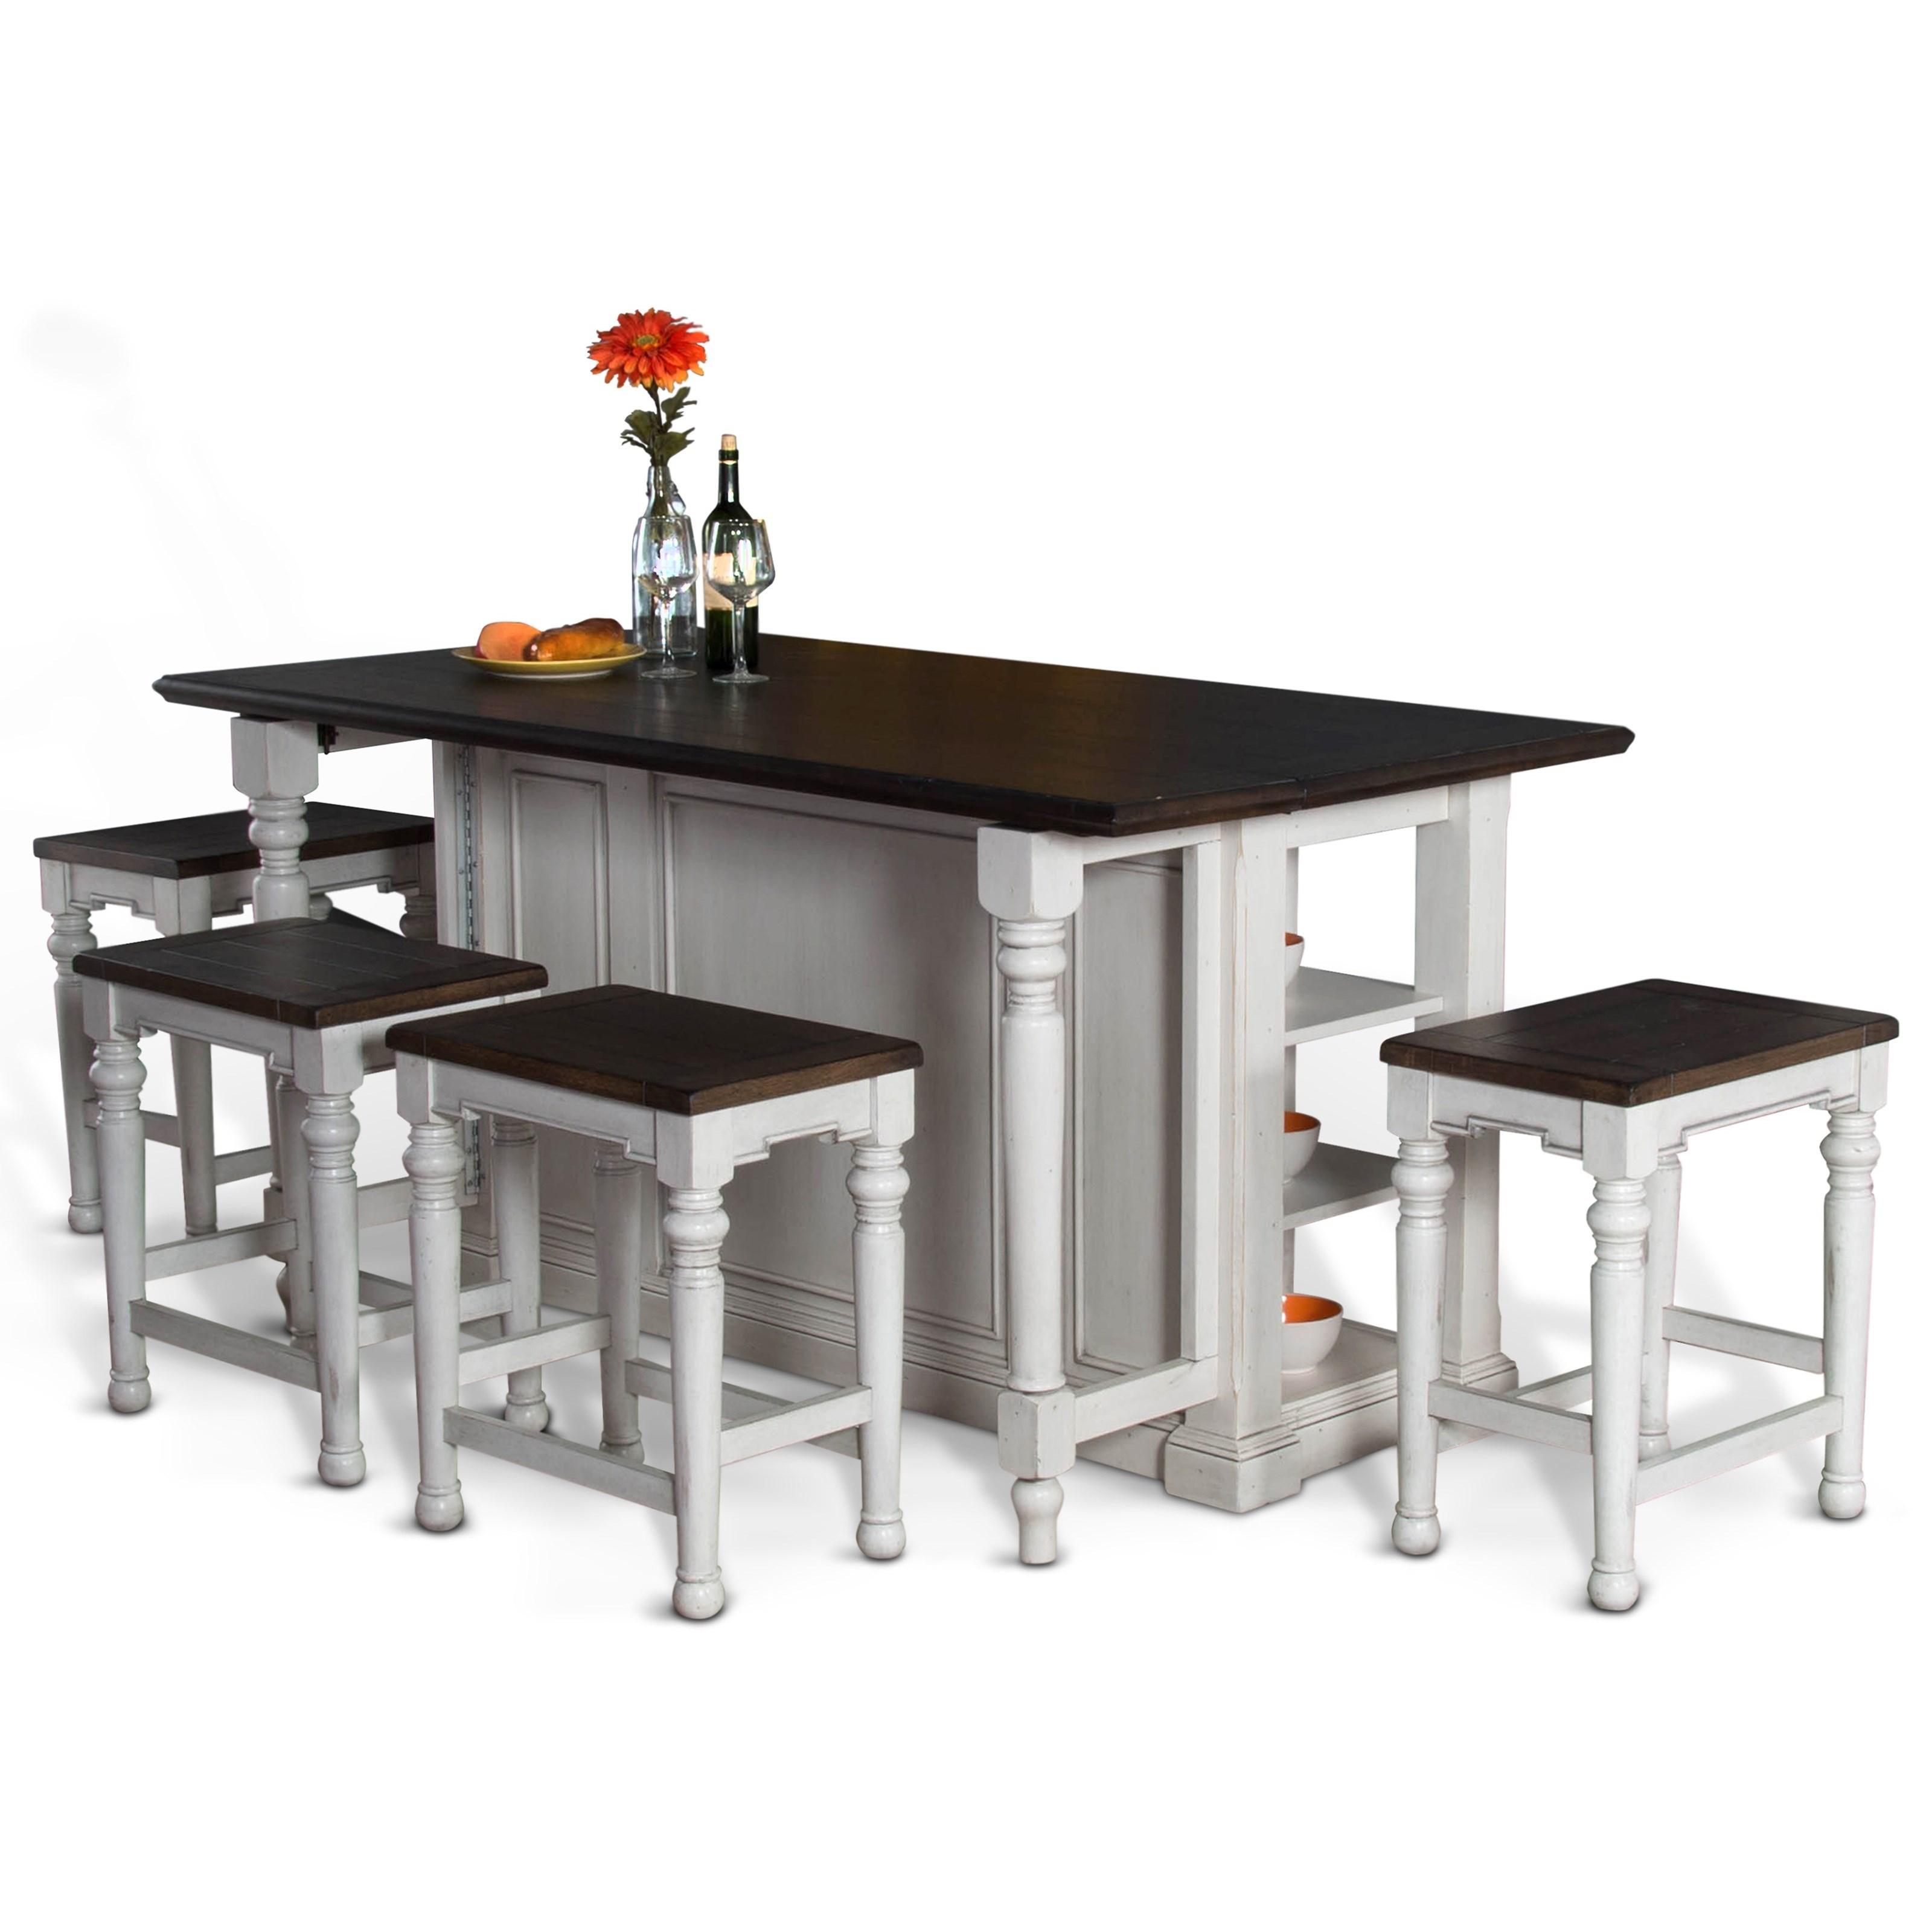 Kitchen Island Furniture Piece: Sunny Designs Bourbon County 5 Piece Kitchen Island Set